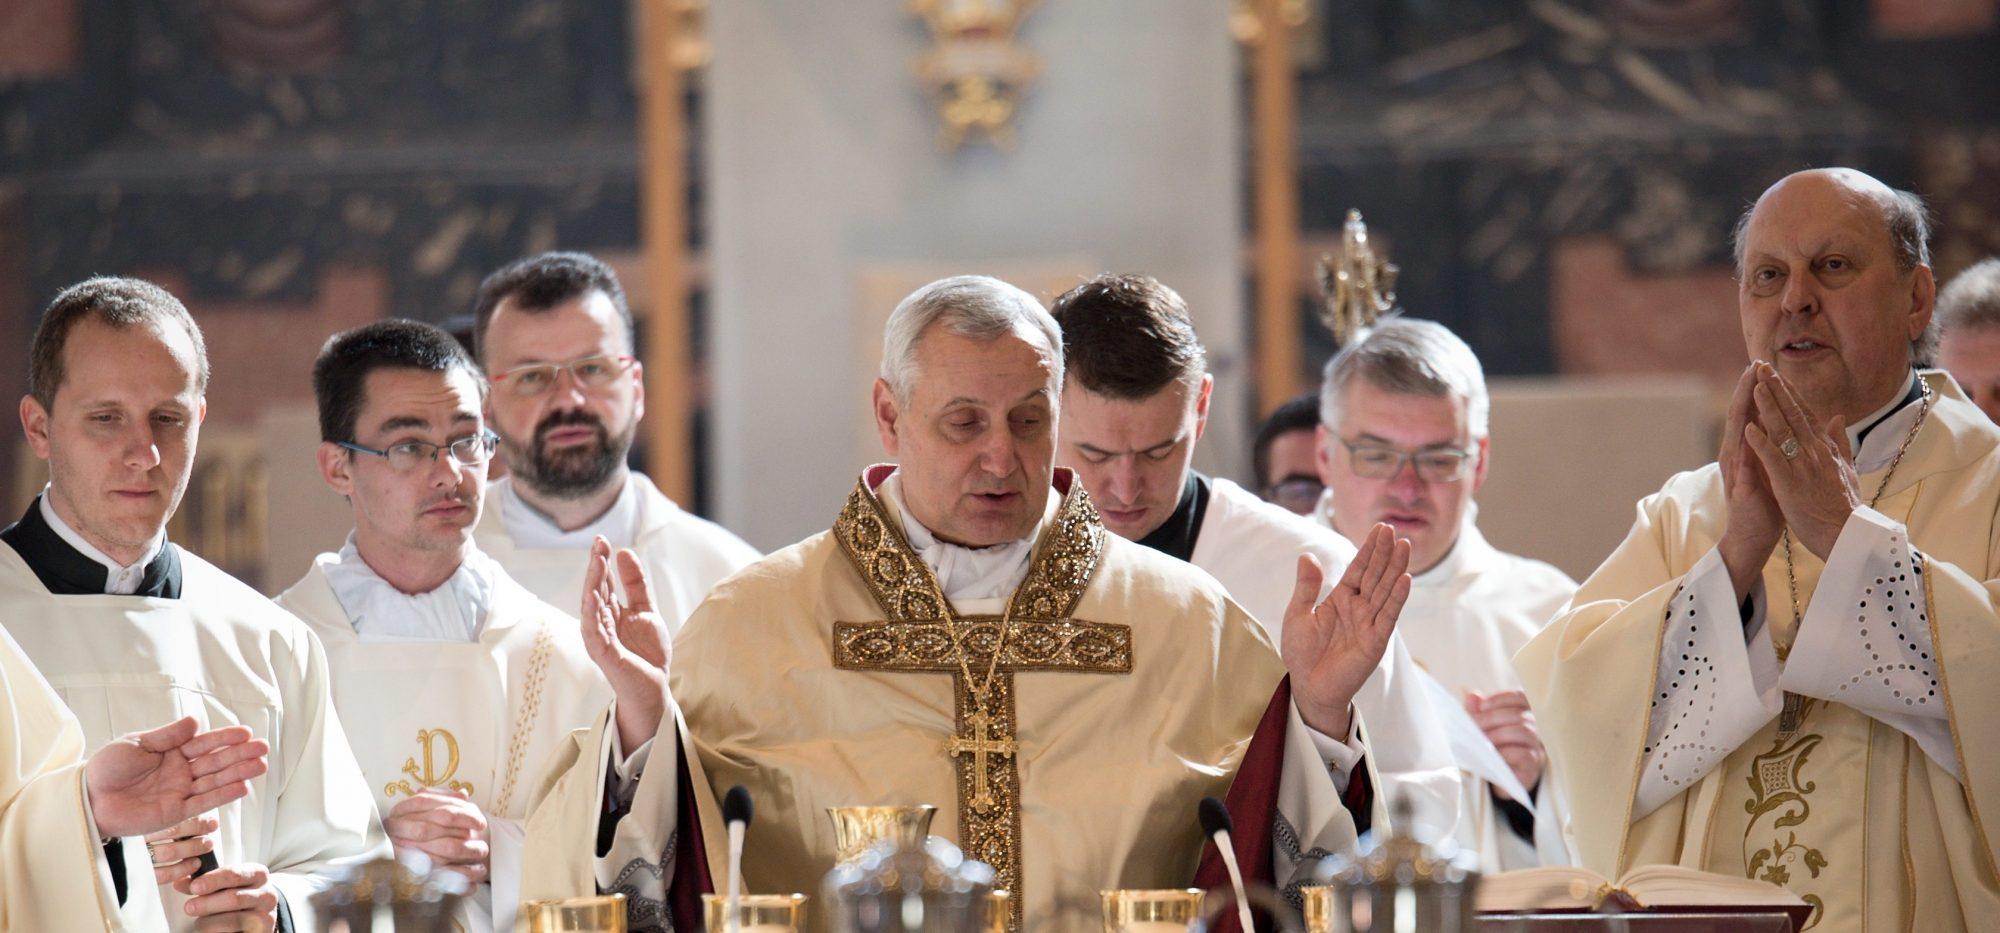 Děkanství u sv. Mikuláše